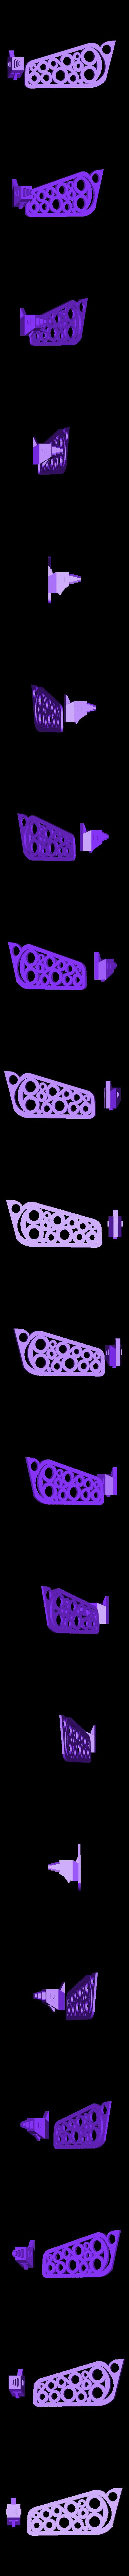 Bisj_D_wing_final.stl Download free STL file Stackable Bisj Anchestral Sculpture • 3D print template, Slagerqod